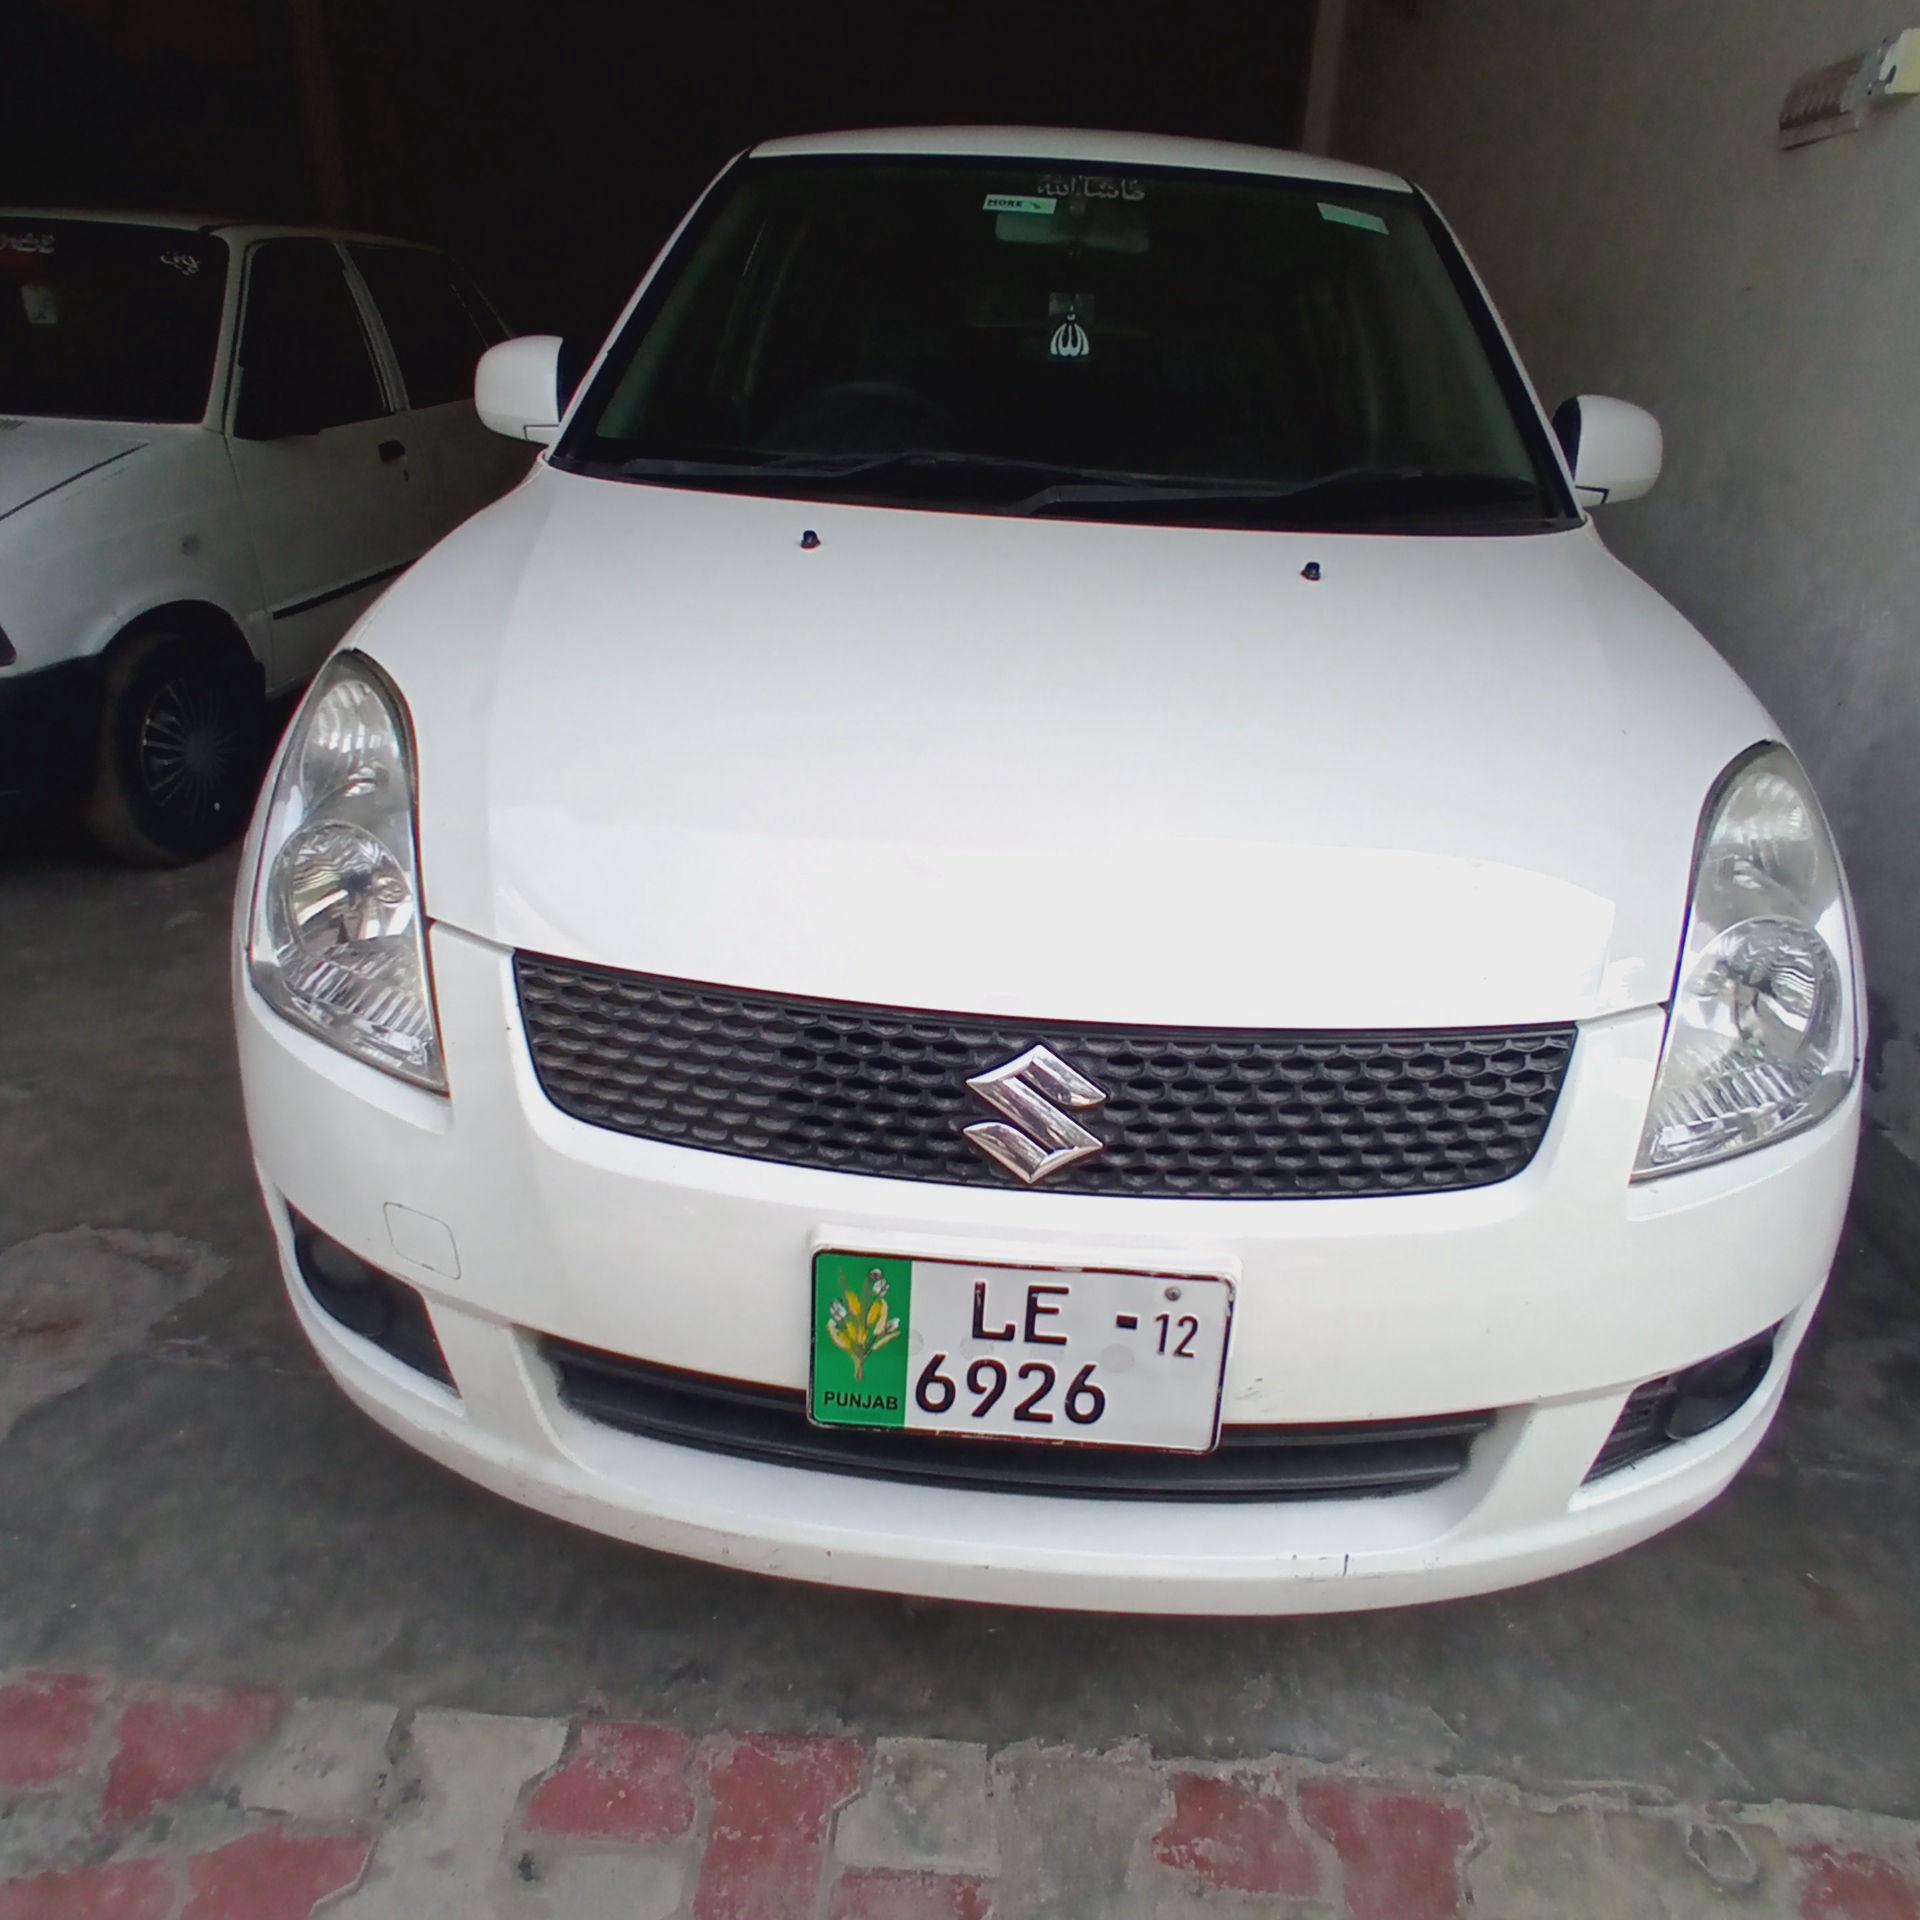 Suzuki Swift 1.3 DLX 2012